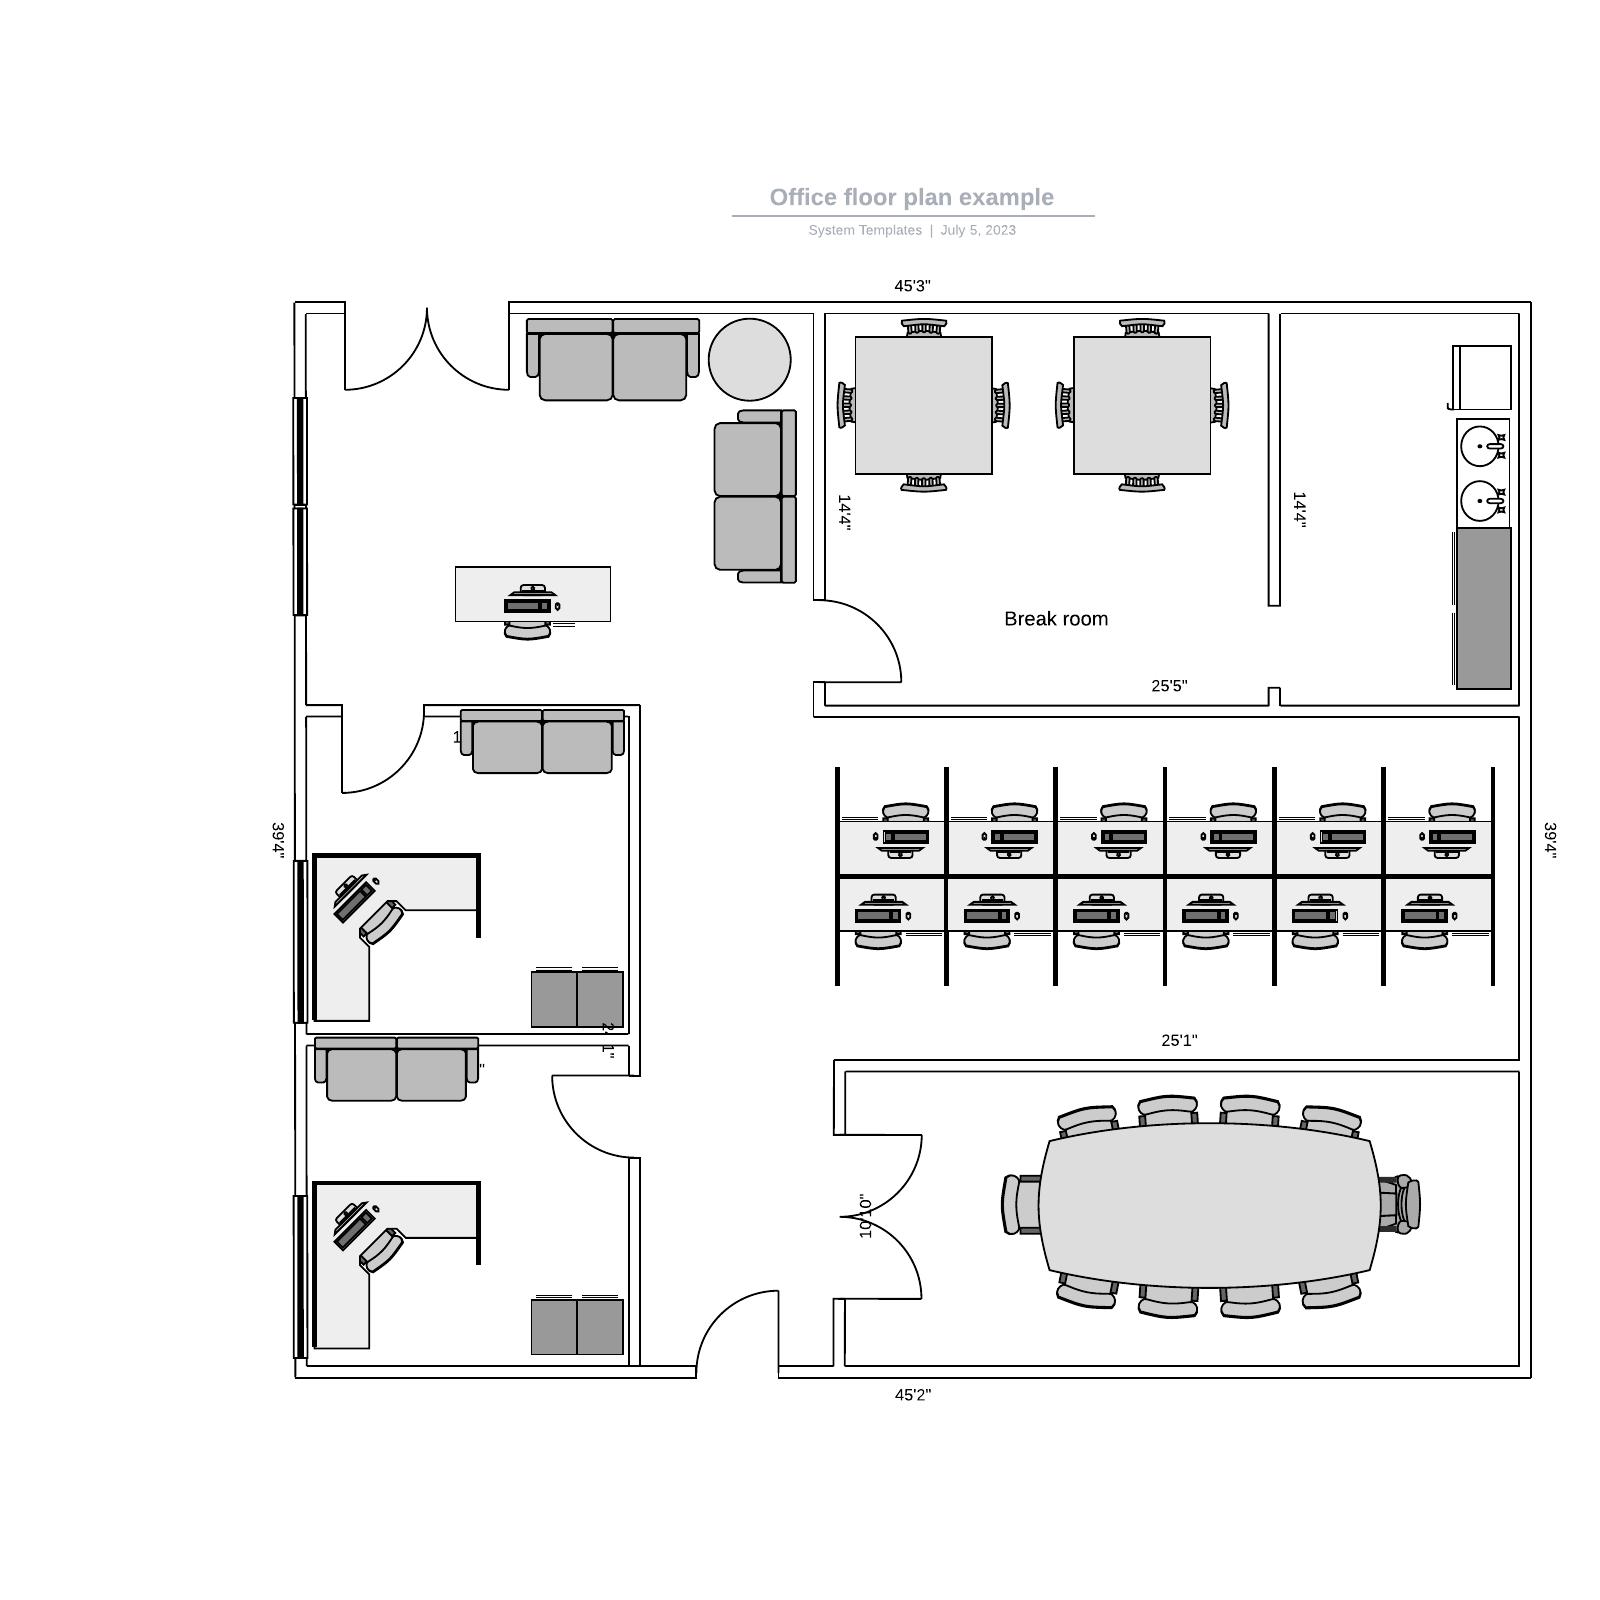 Office floor plan example